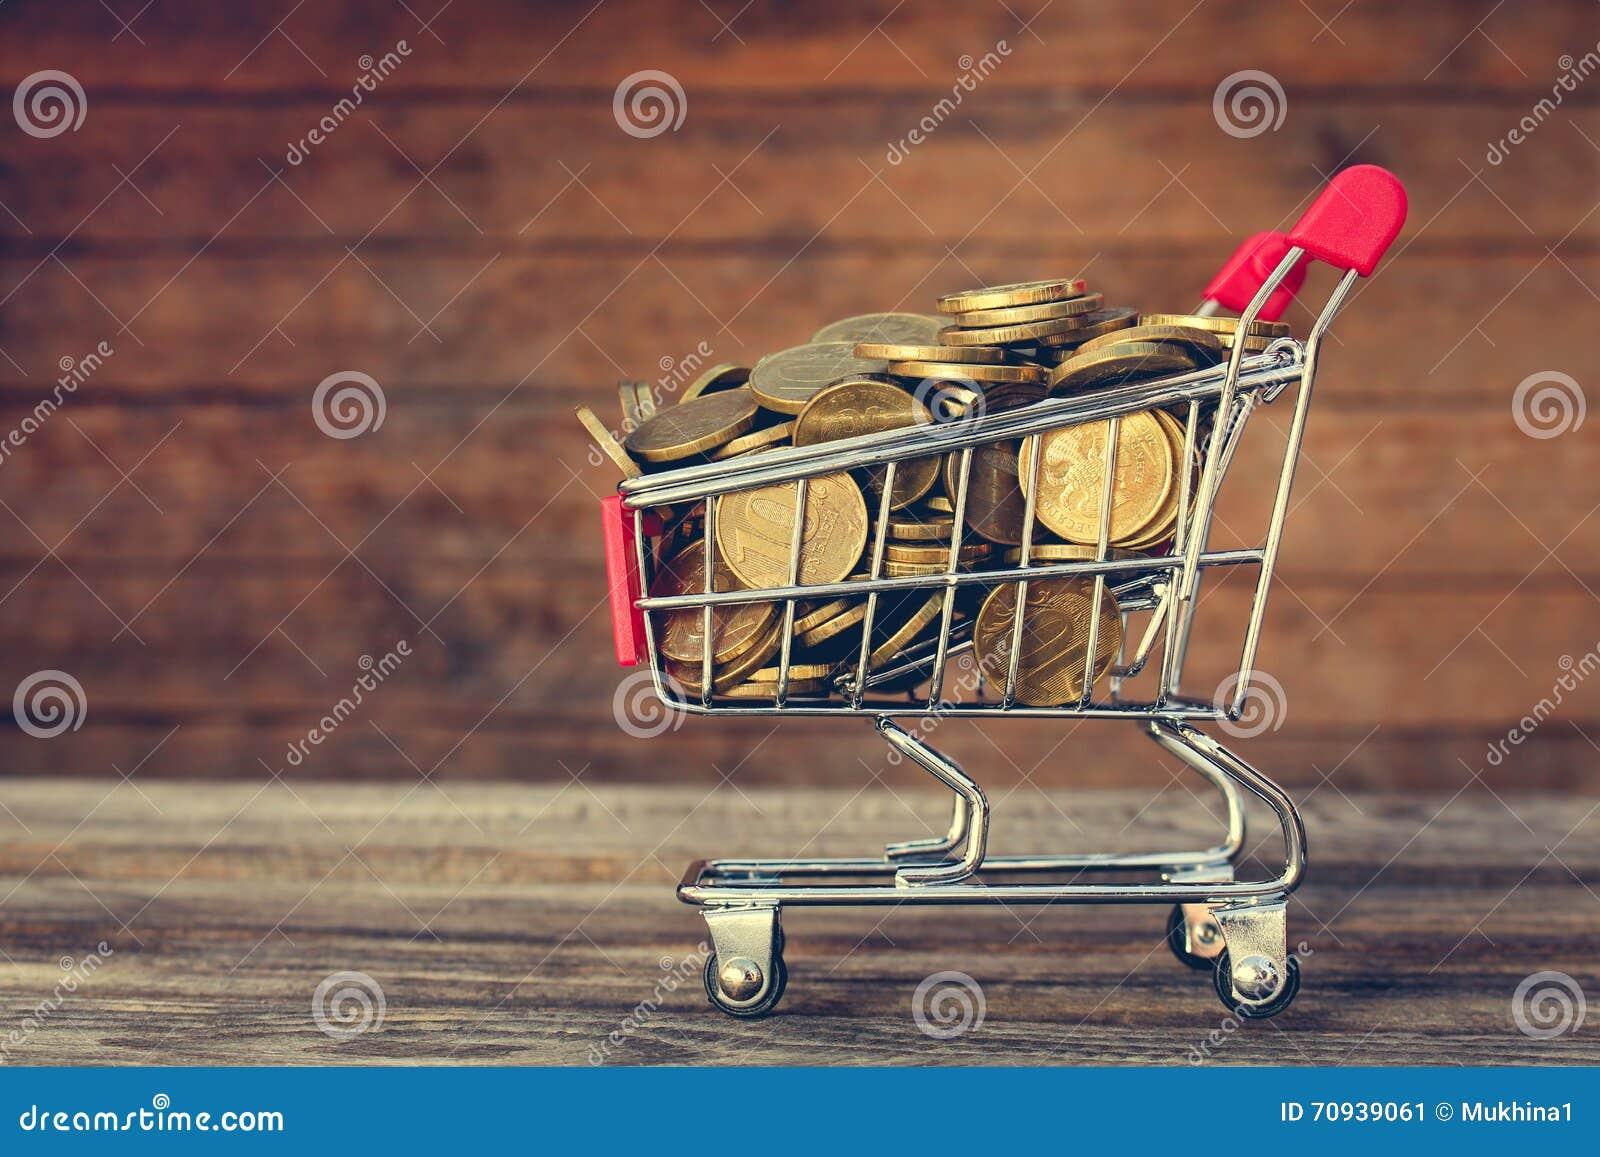 Carro y monedas de compras